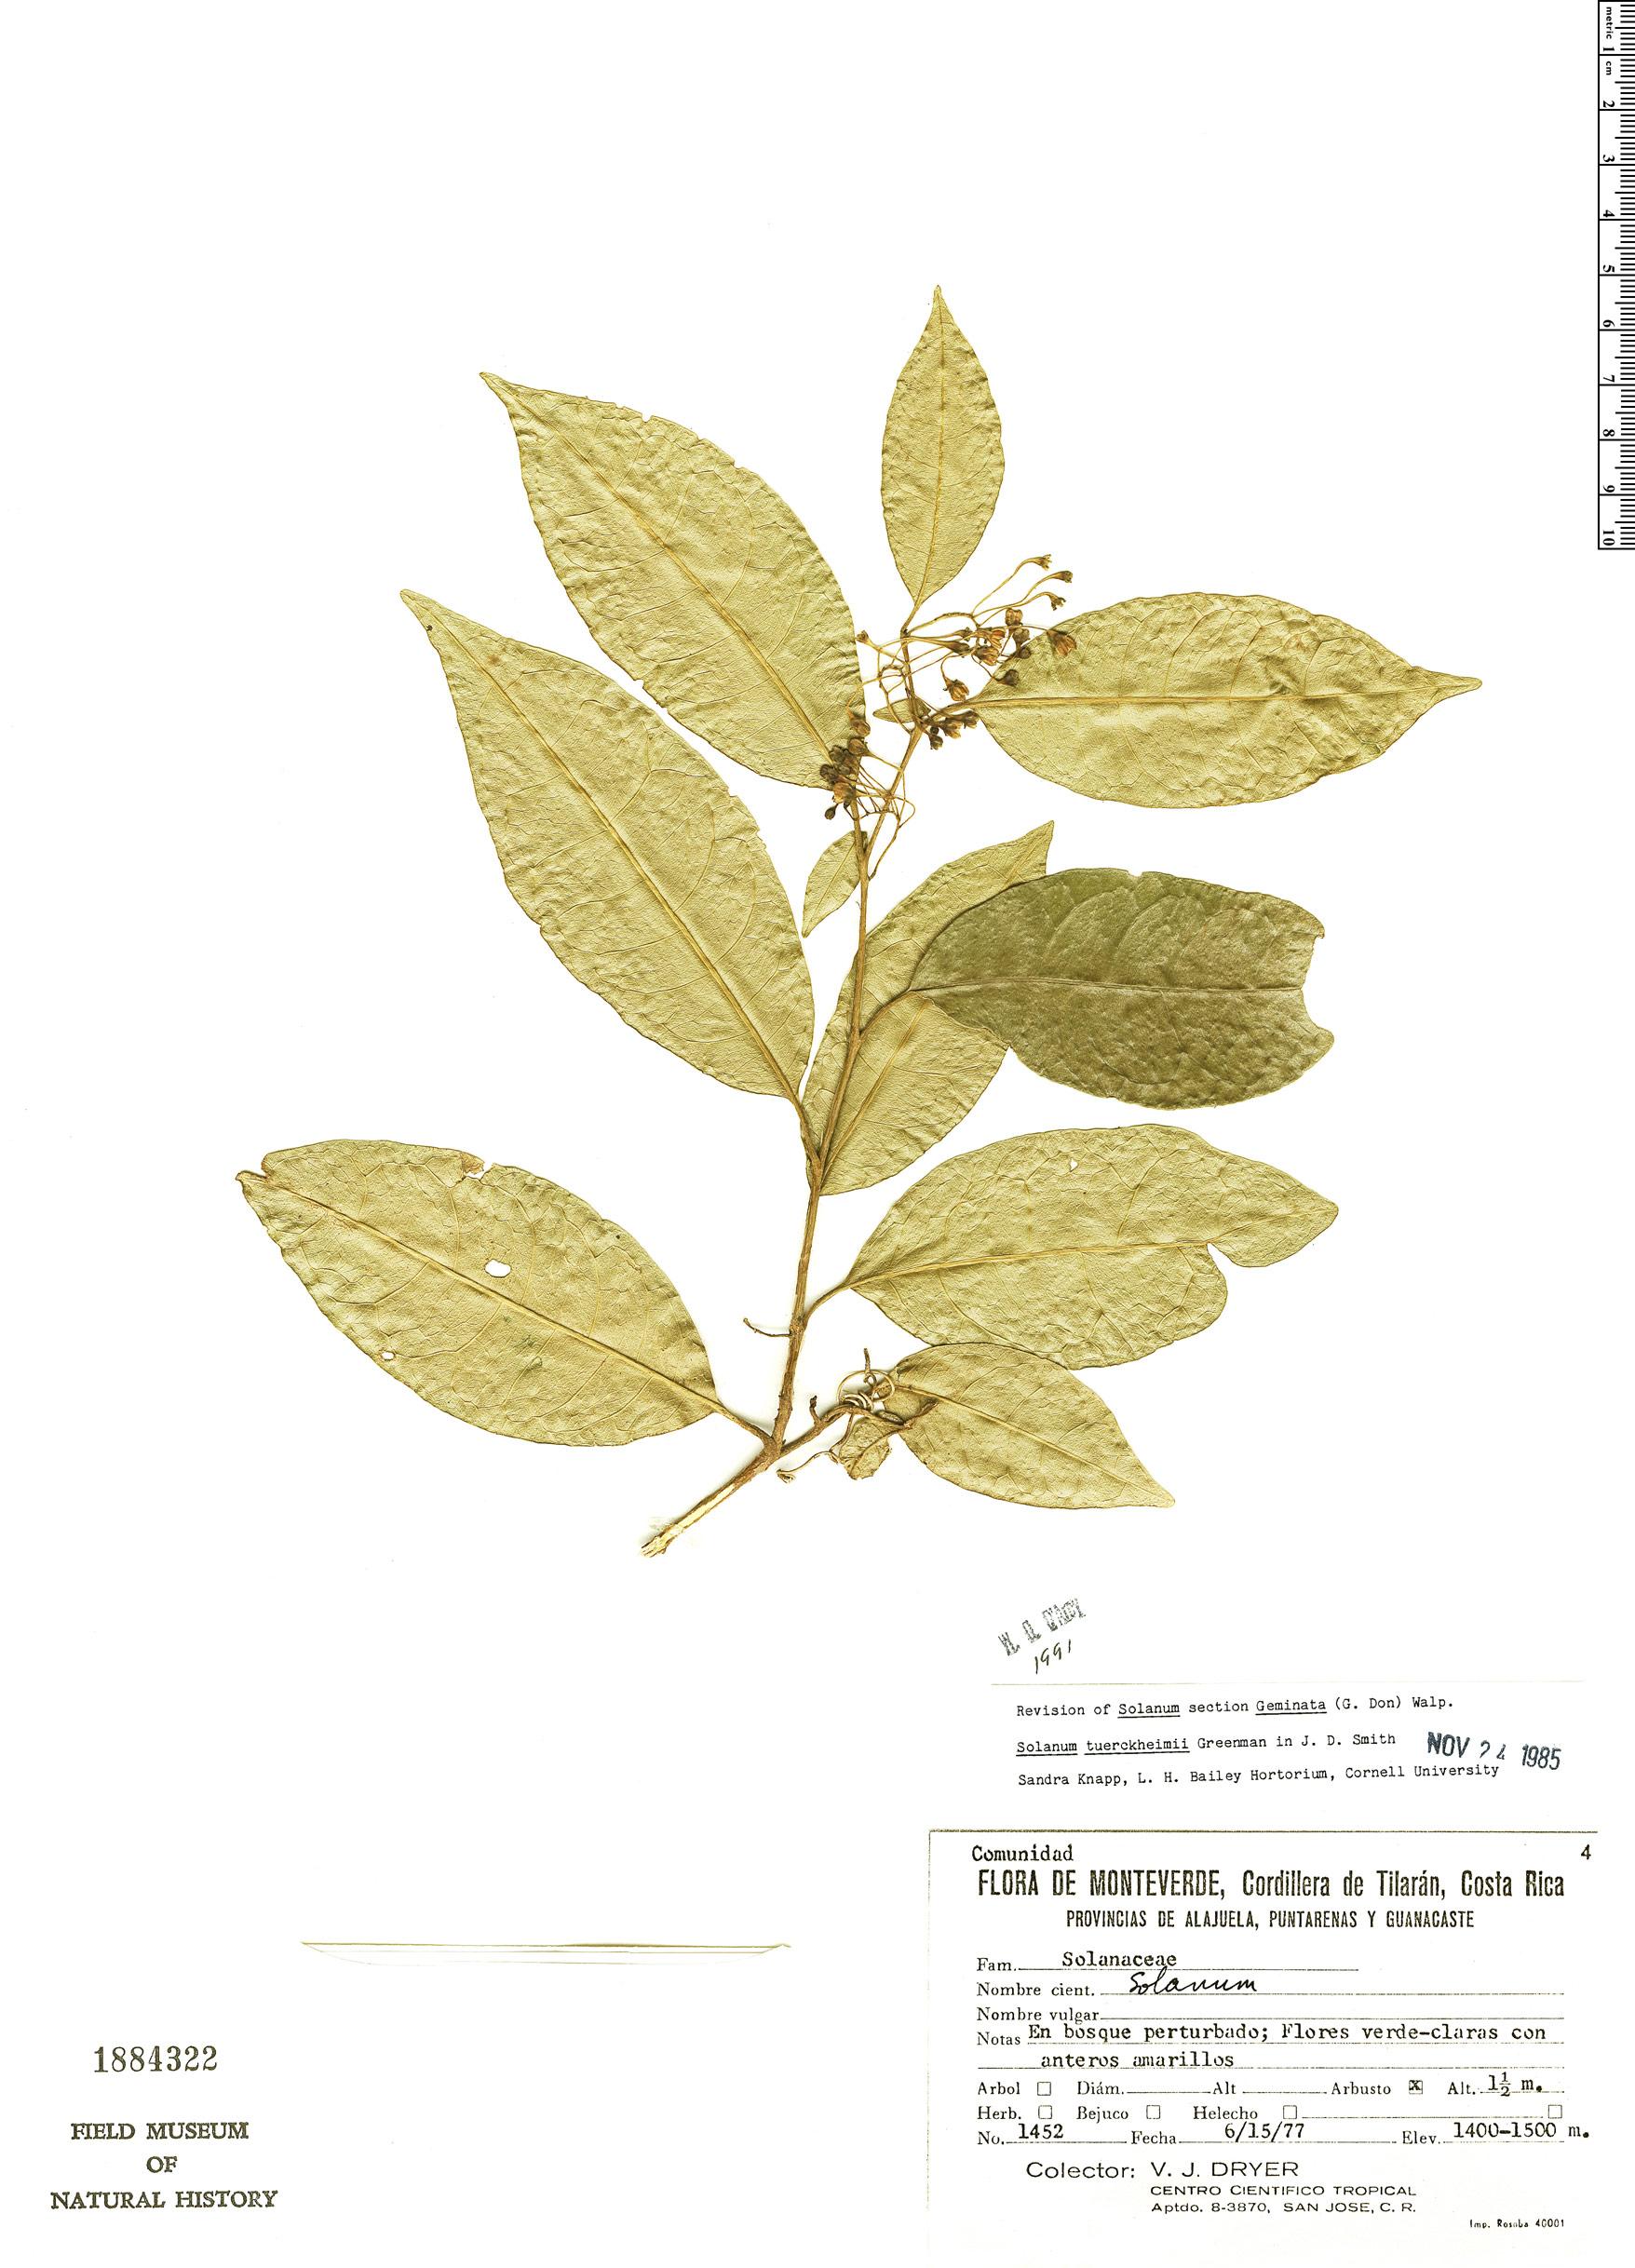 Specimen: Solanum tuerckheimii